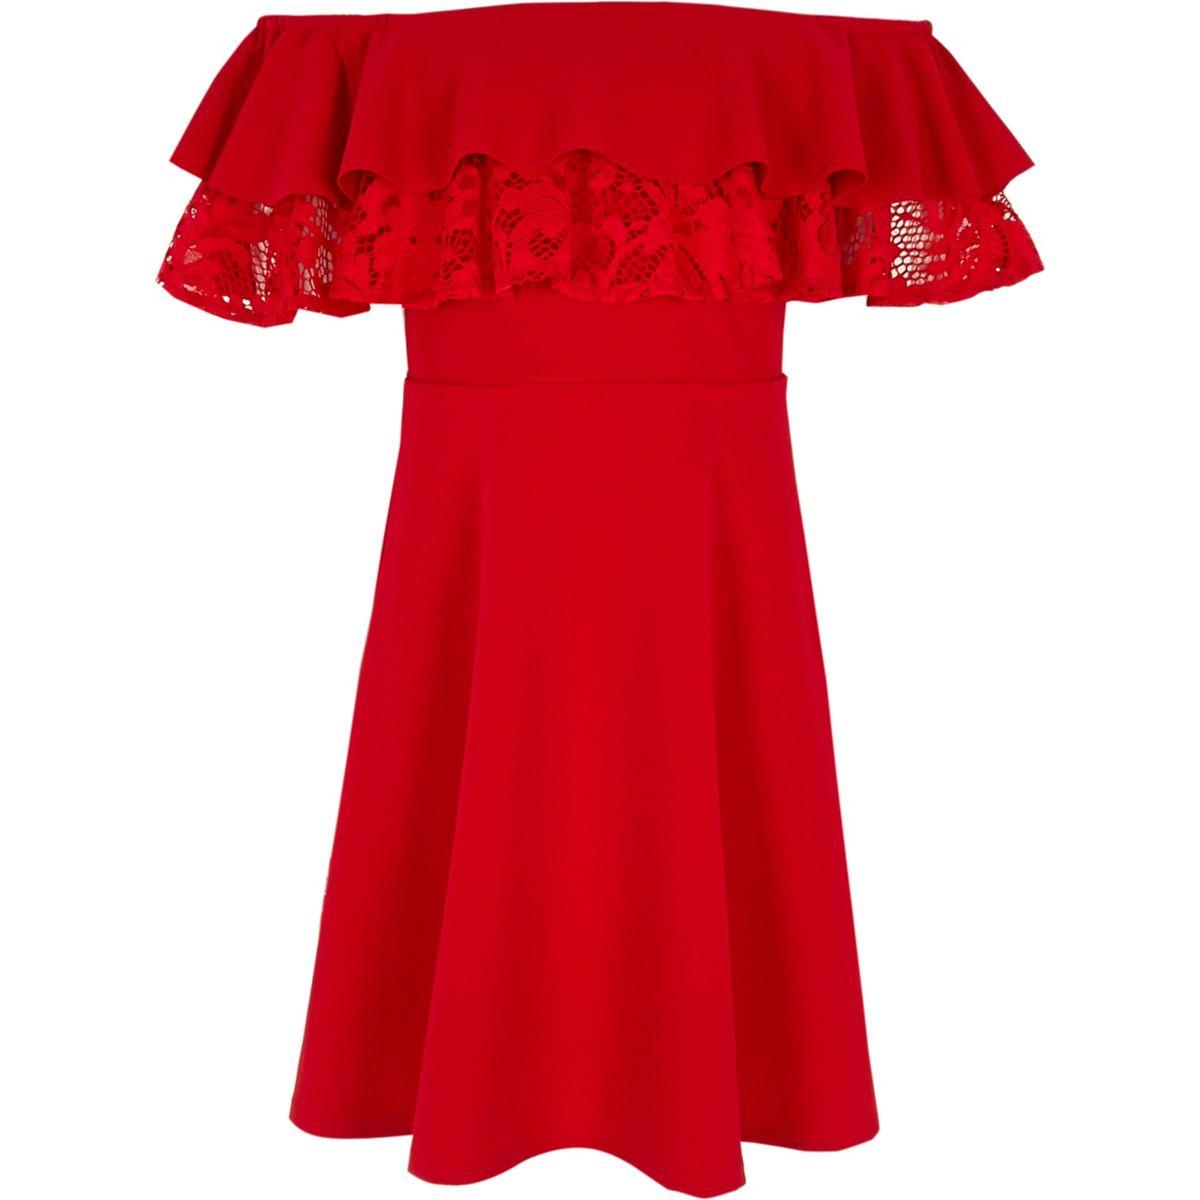 Girls red double ruffle lace bardot dress